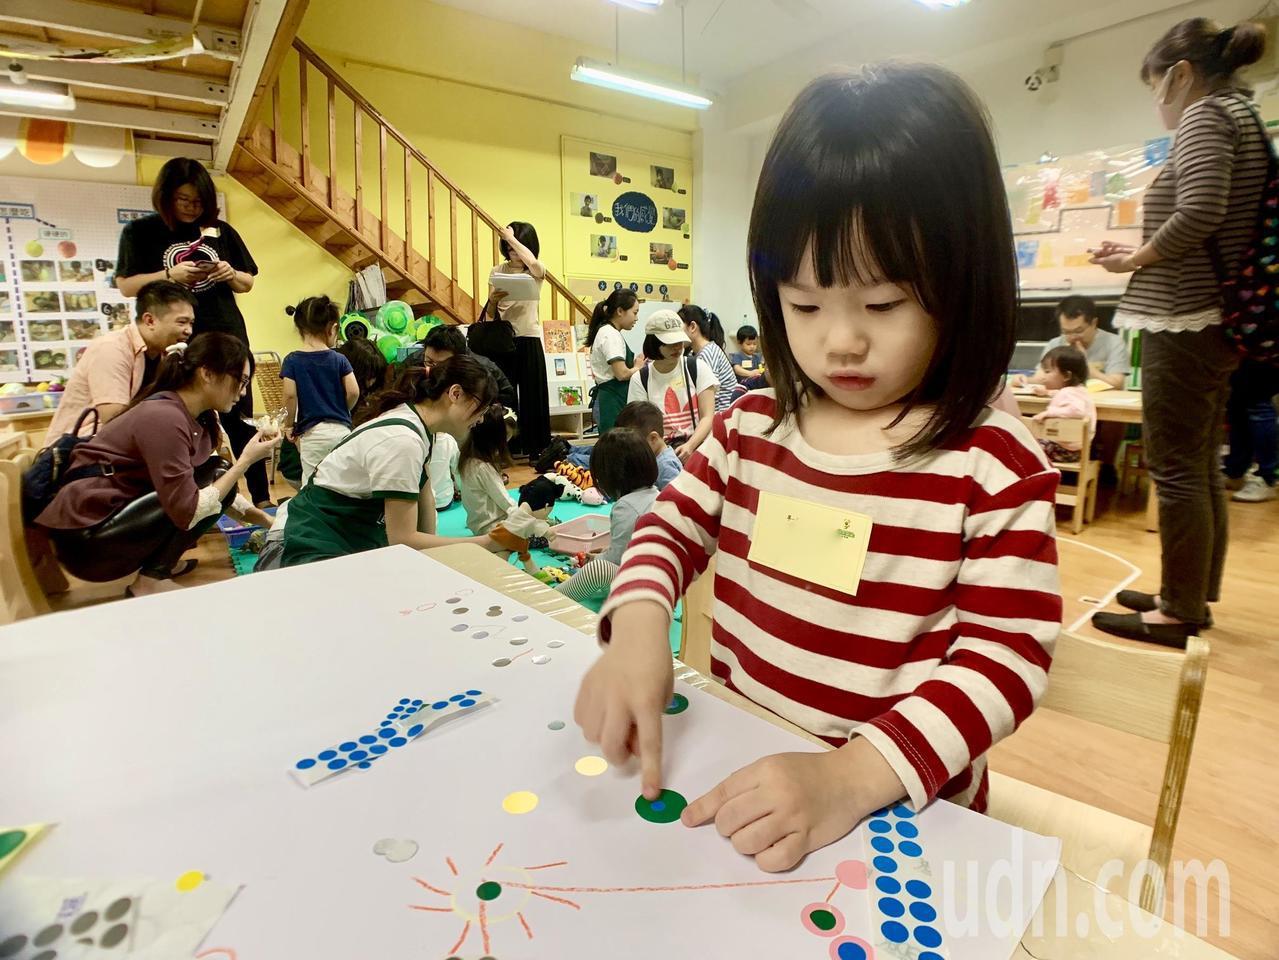 2至3歲孩子送公托、準公托或準公共保母,台北市民每月共可領5000元至6500元...